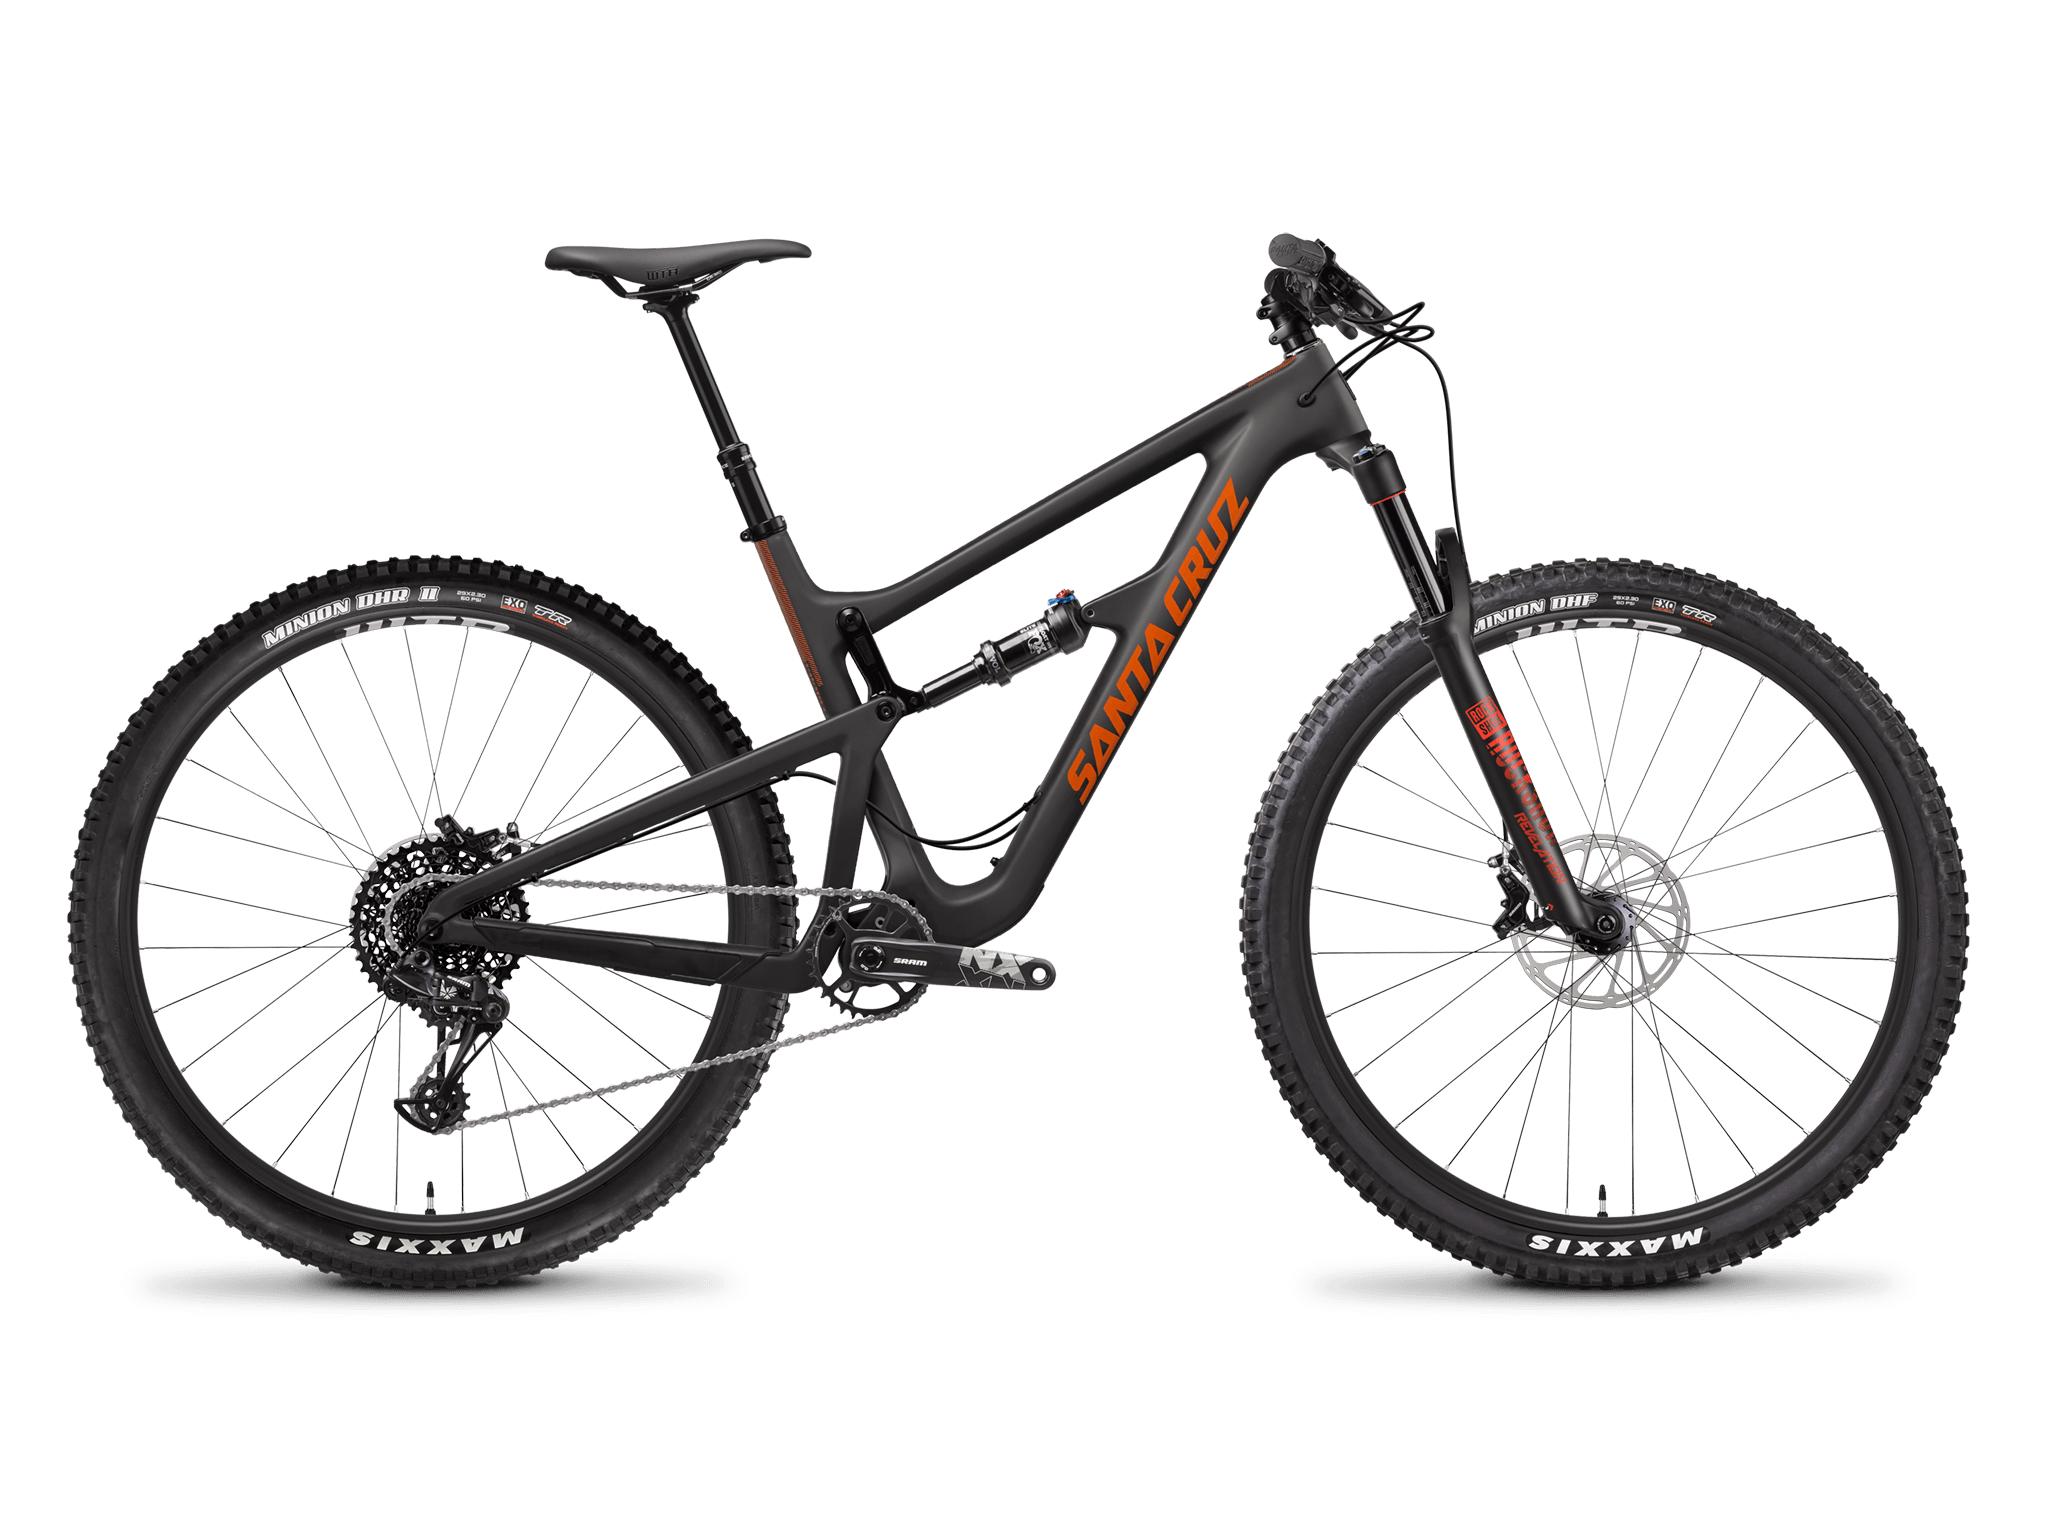 Santa Cruz Hightower Carbon R kit rental demo bike